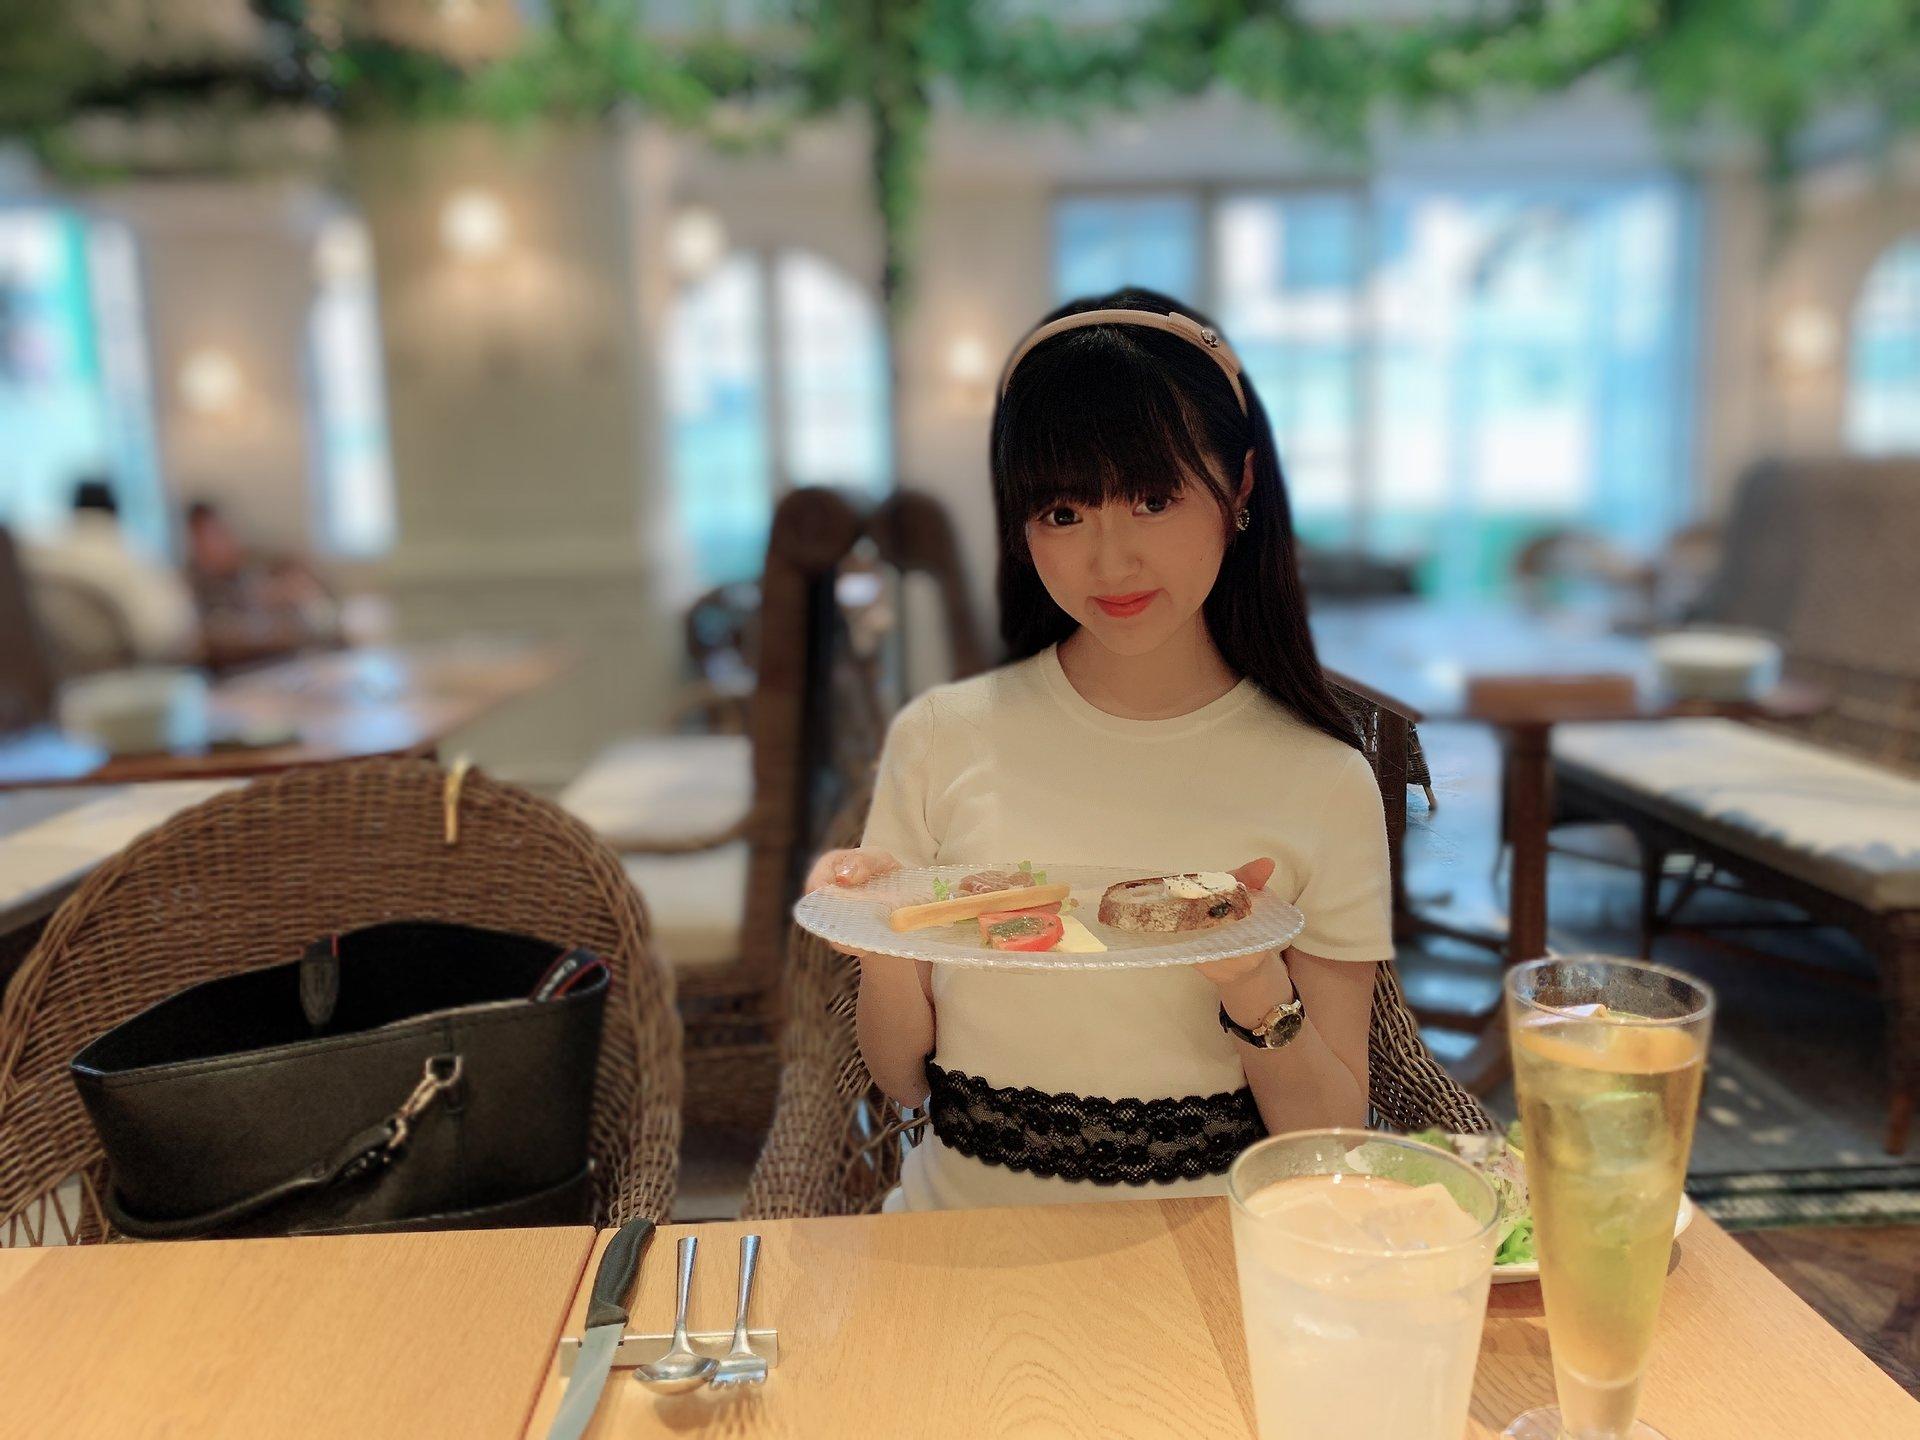 吉祥寺で個室ランチを食べよう!おすすめのおしゃれレストラン7選◎